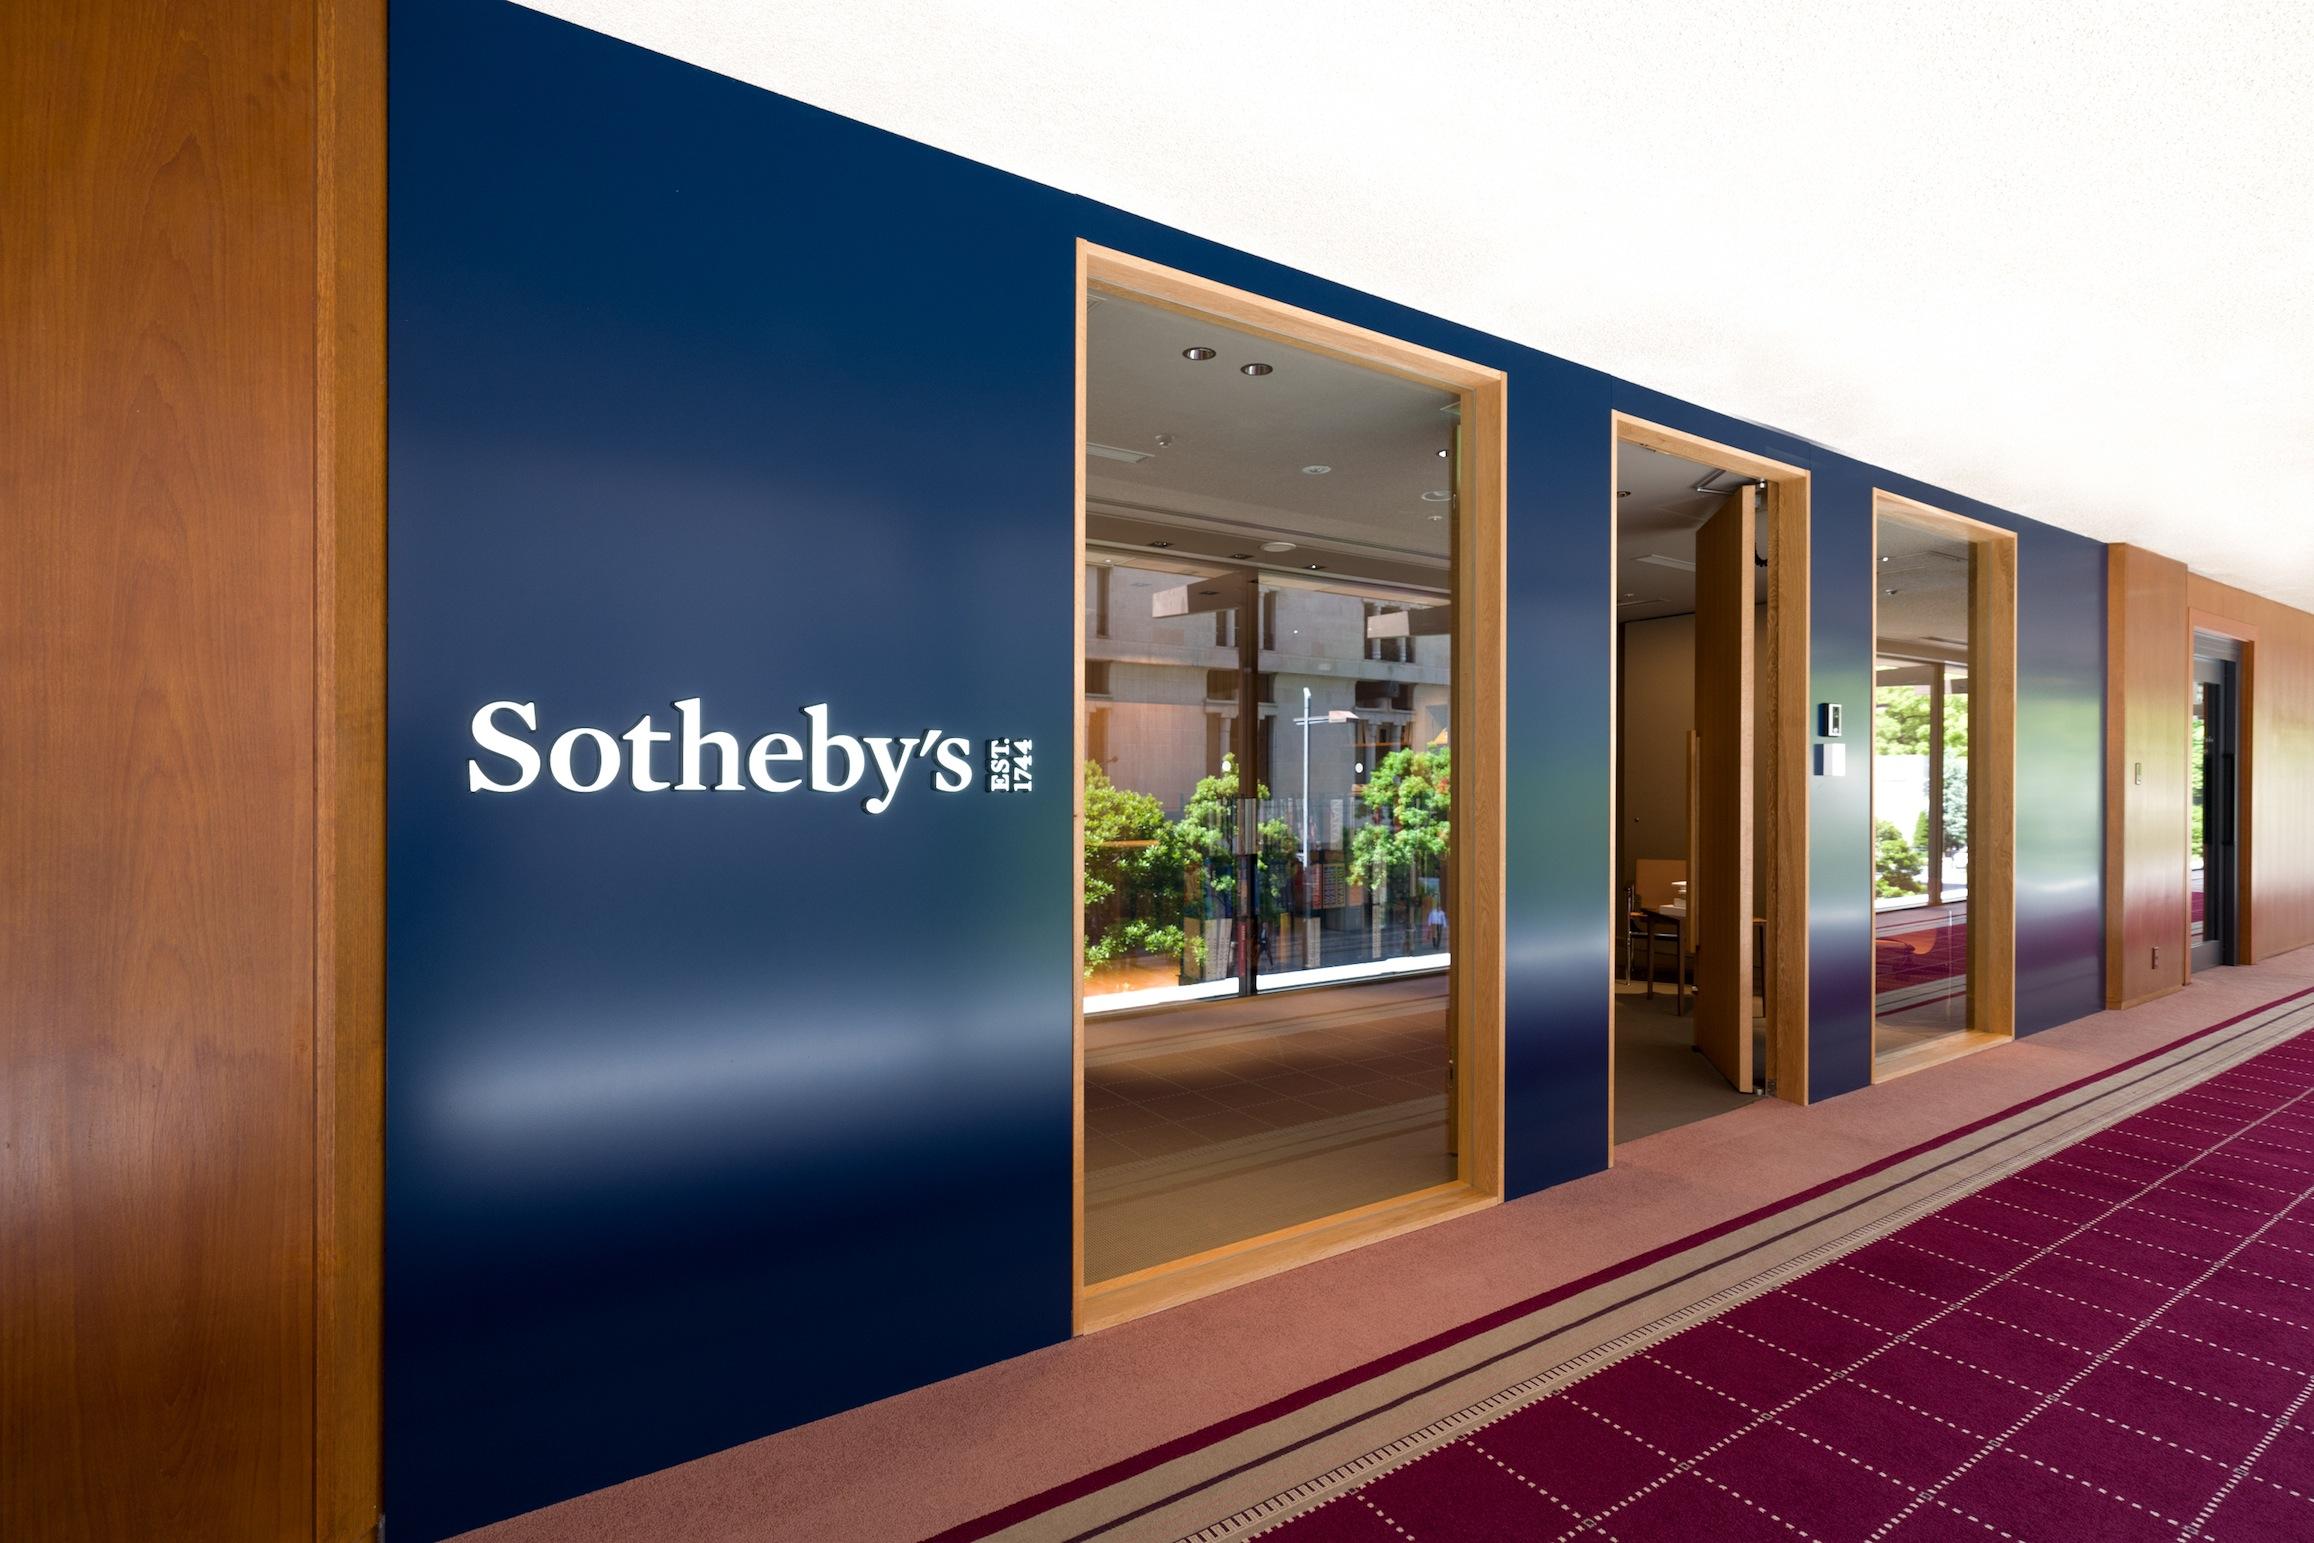 オークションハウス「Sotheby's」<br>帝国ホテルに日本初拠点